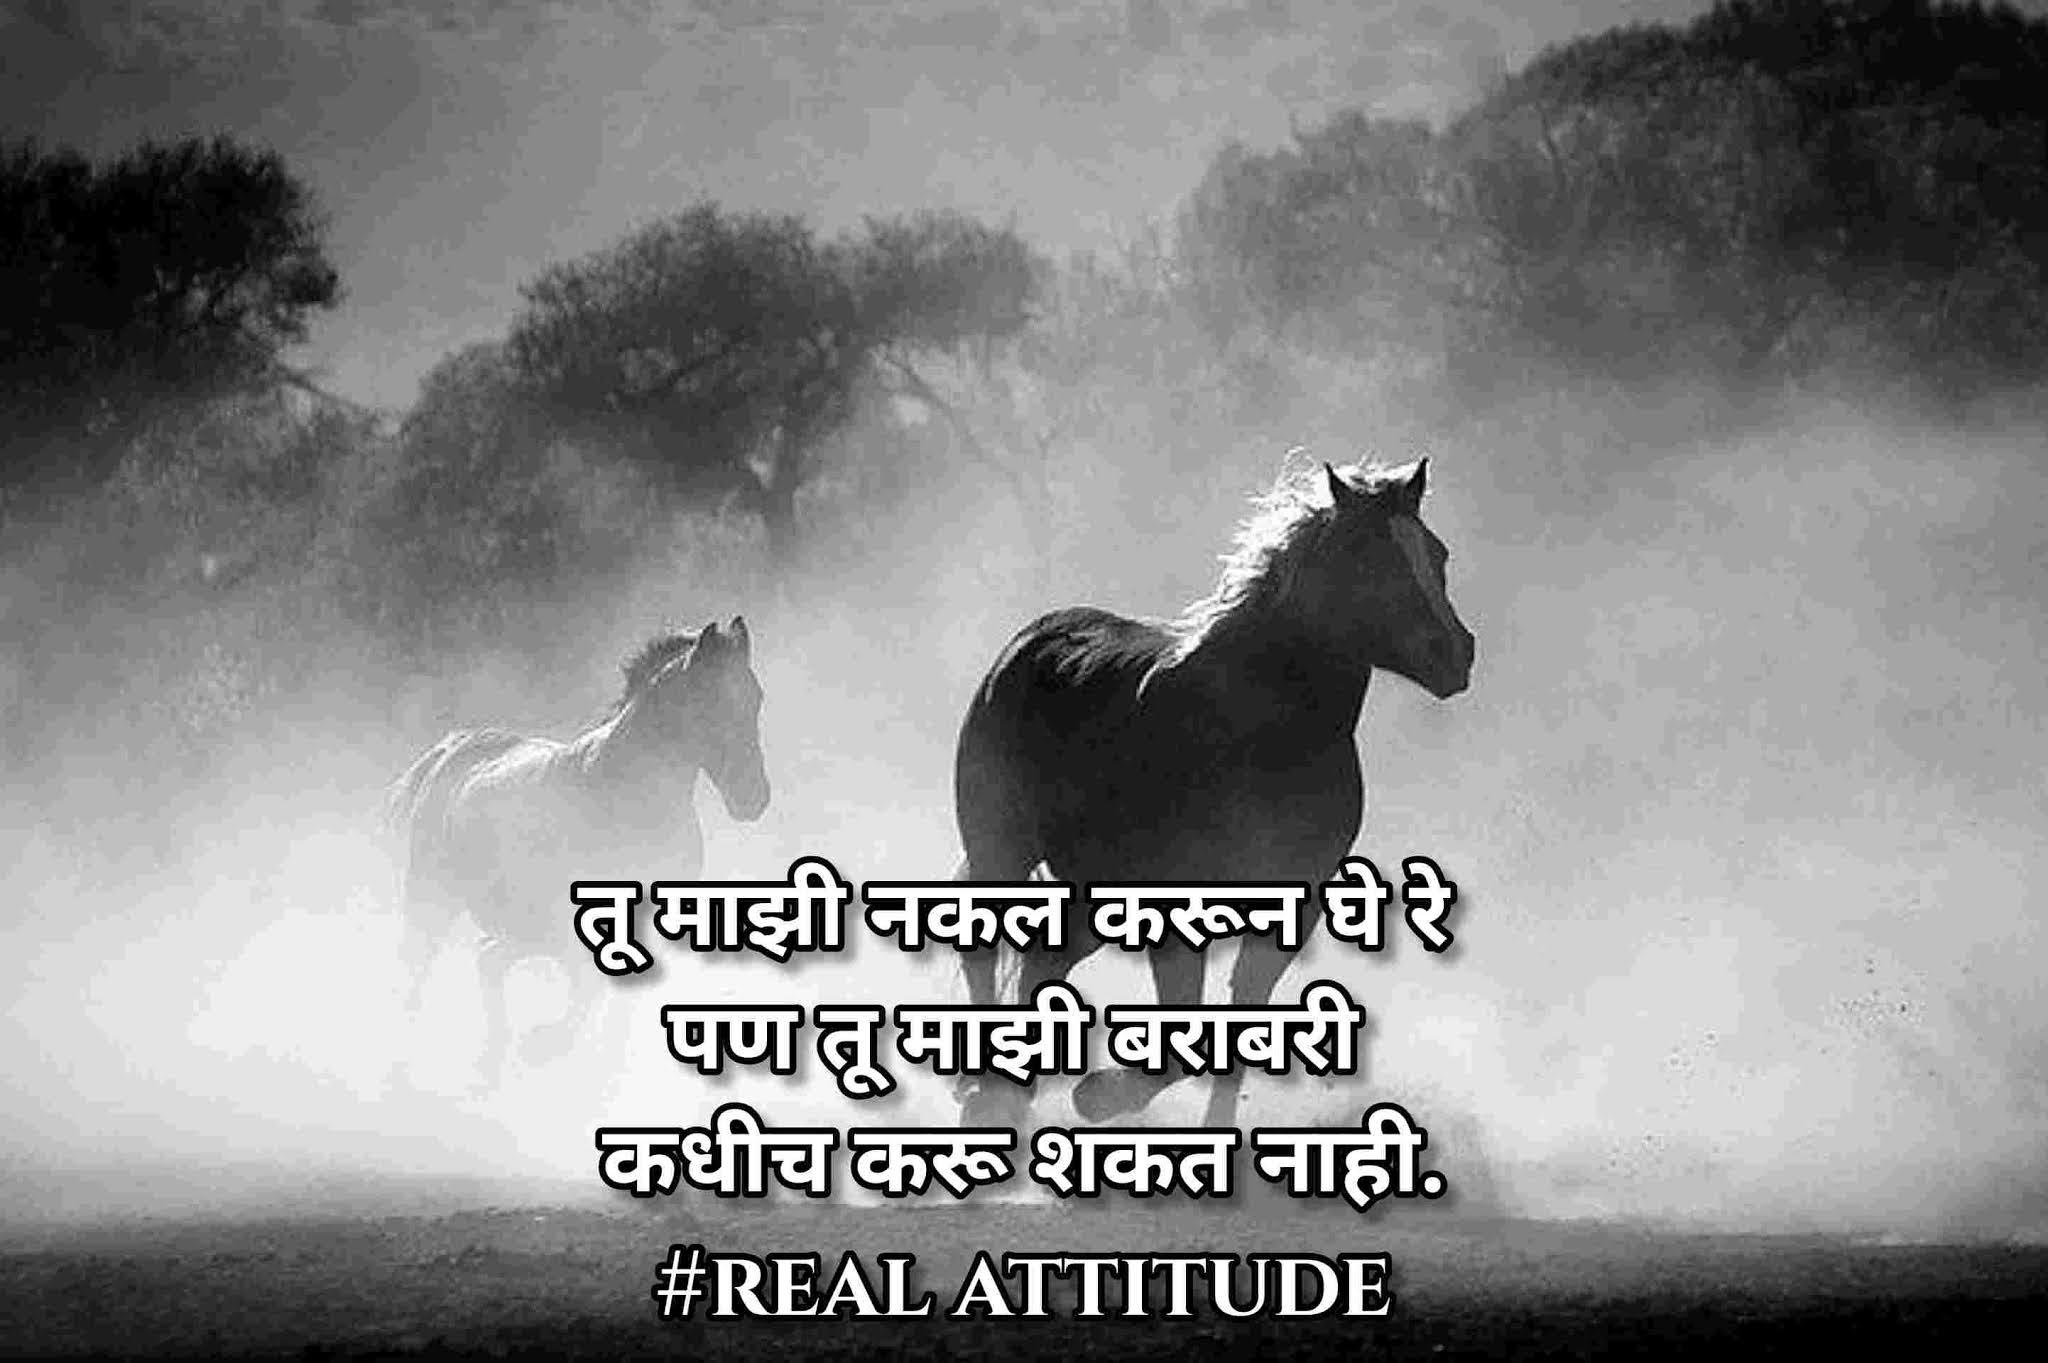 attitude shayari status for boys,aukaat attitude shayari status,attitude shayari status,boys attitude shayari